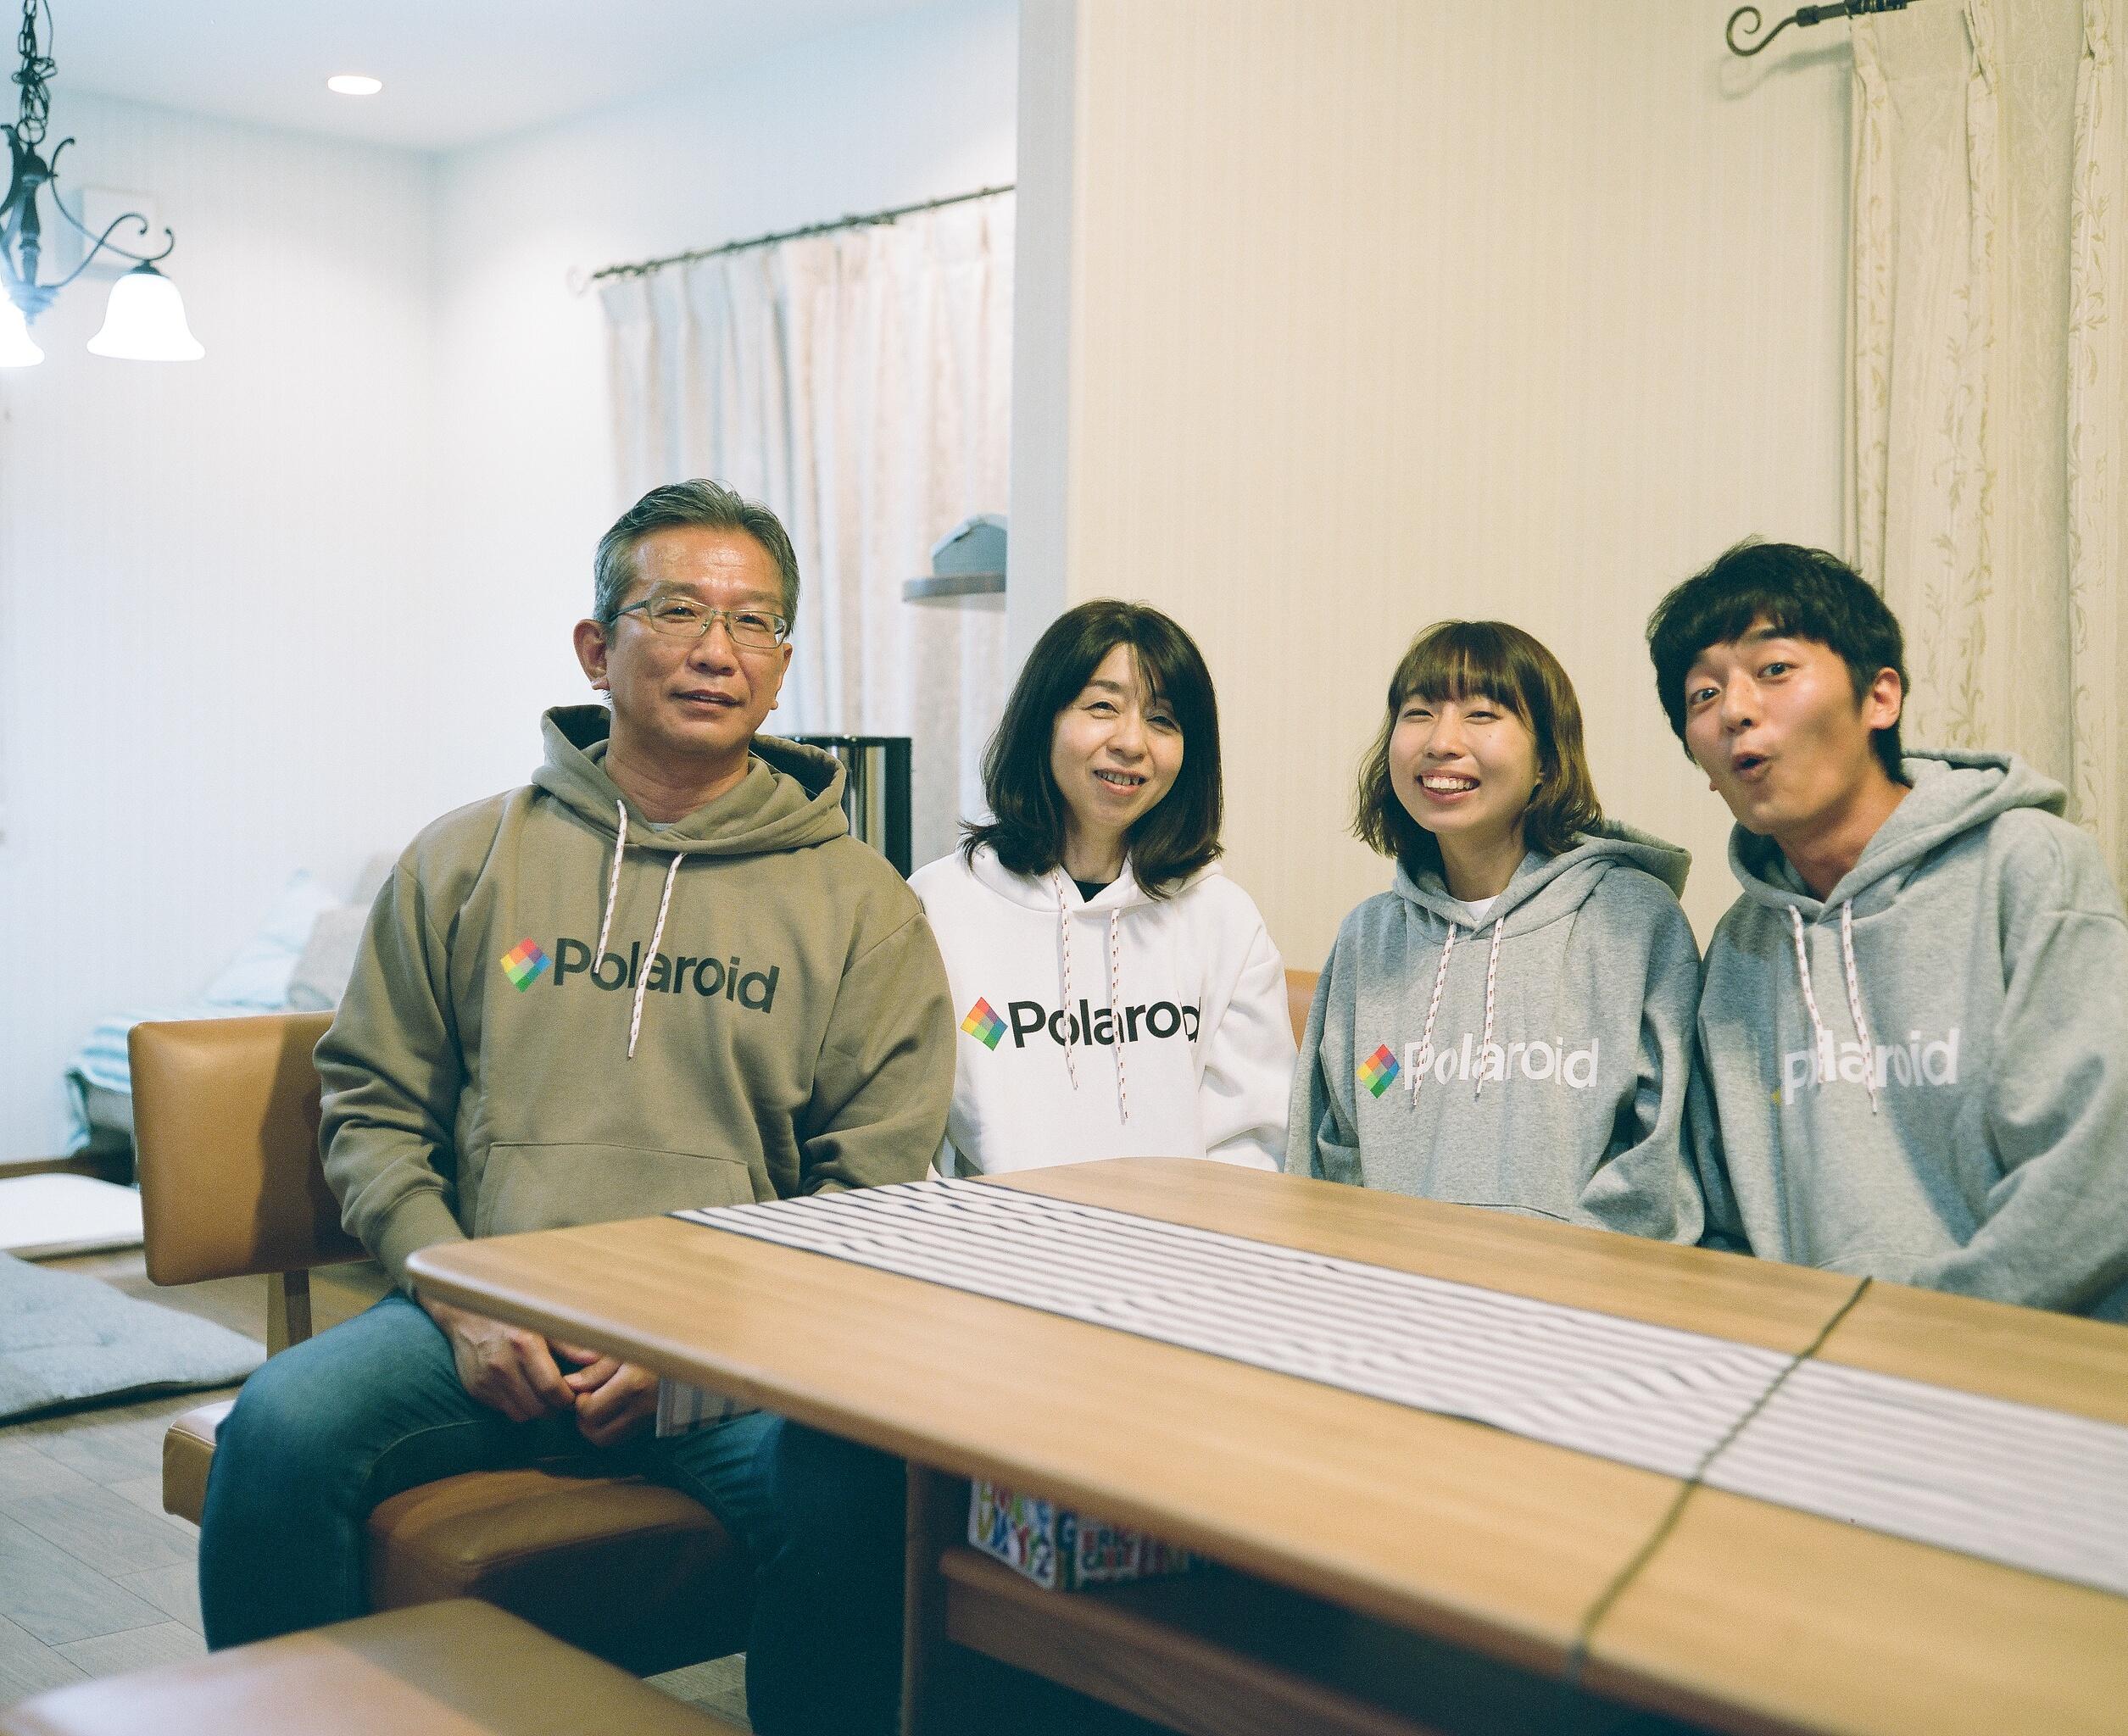 Nasuda family